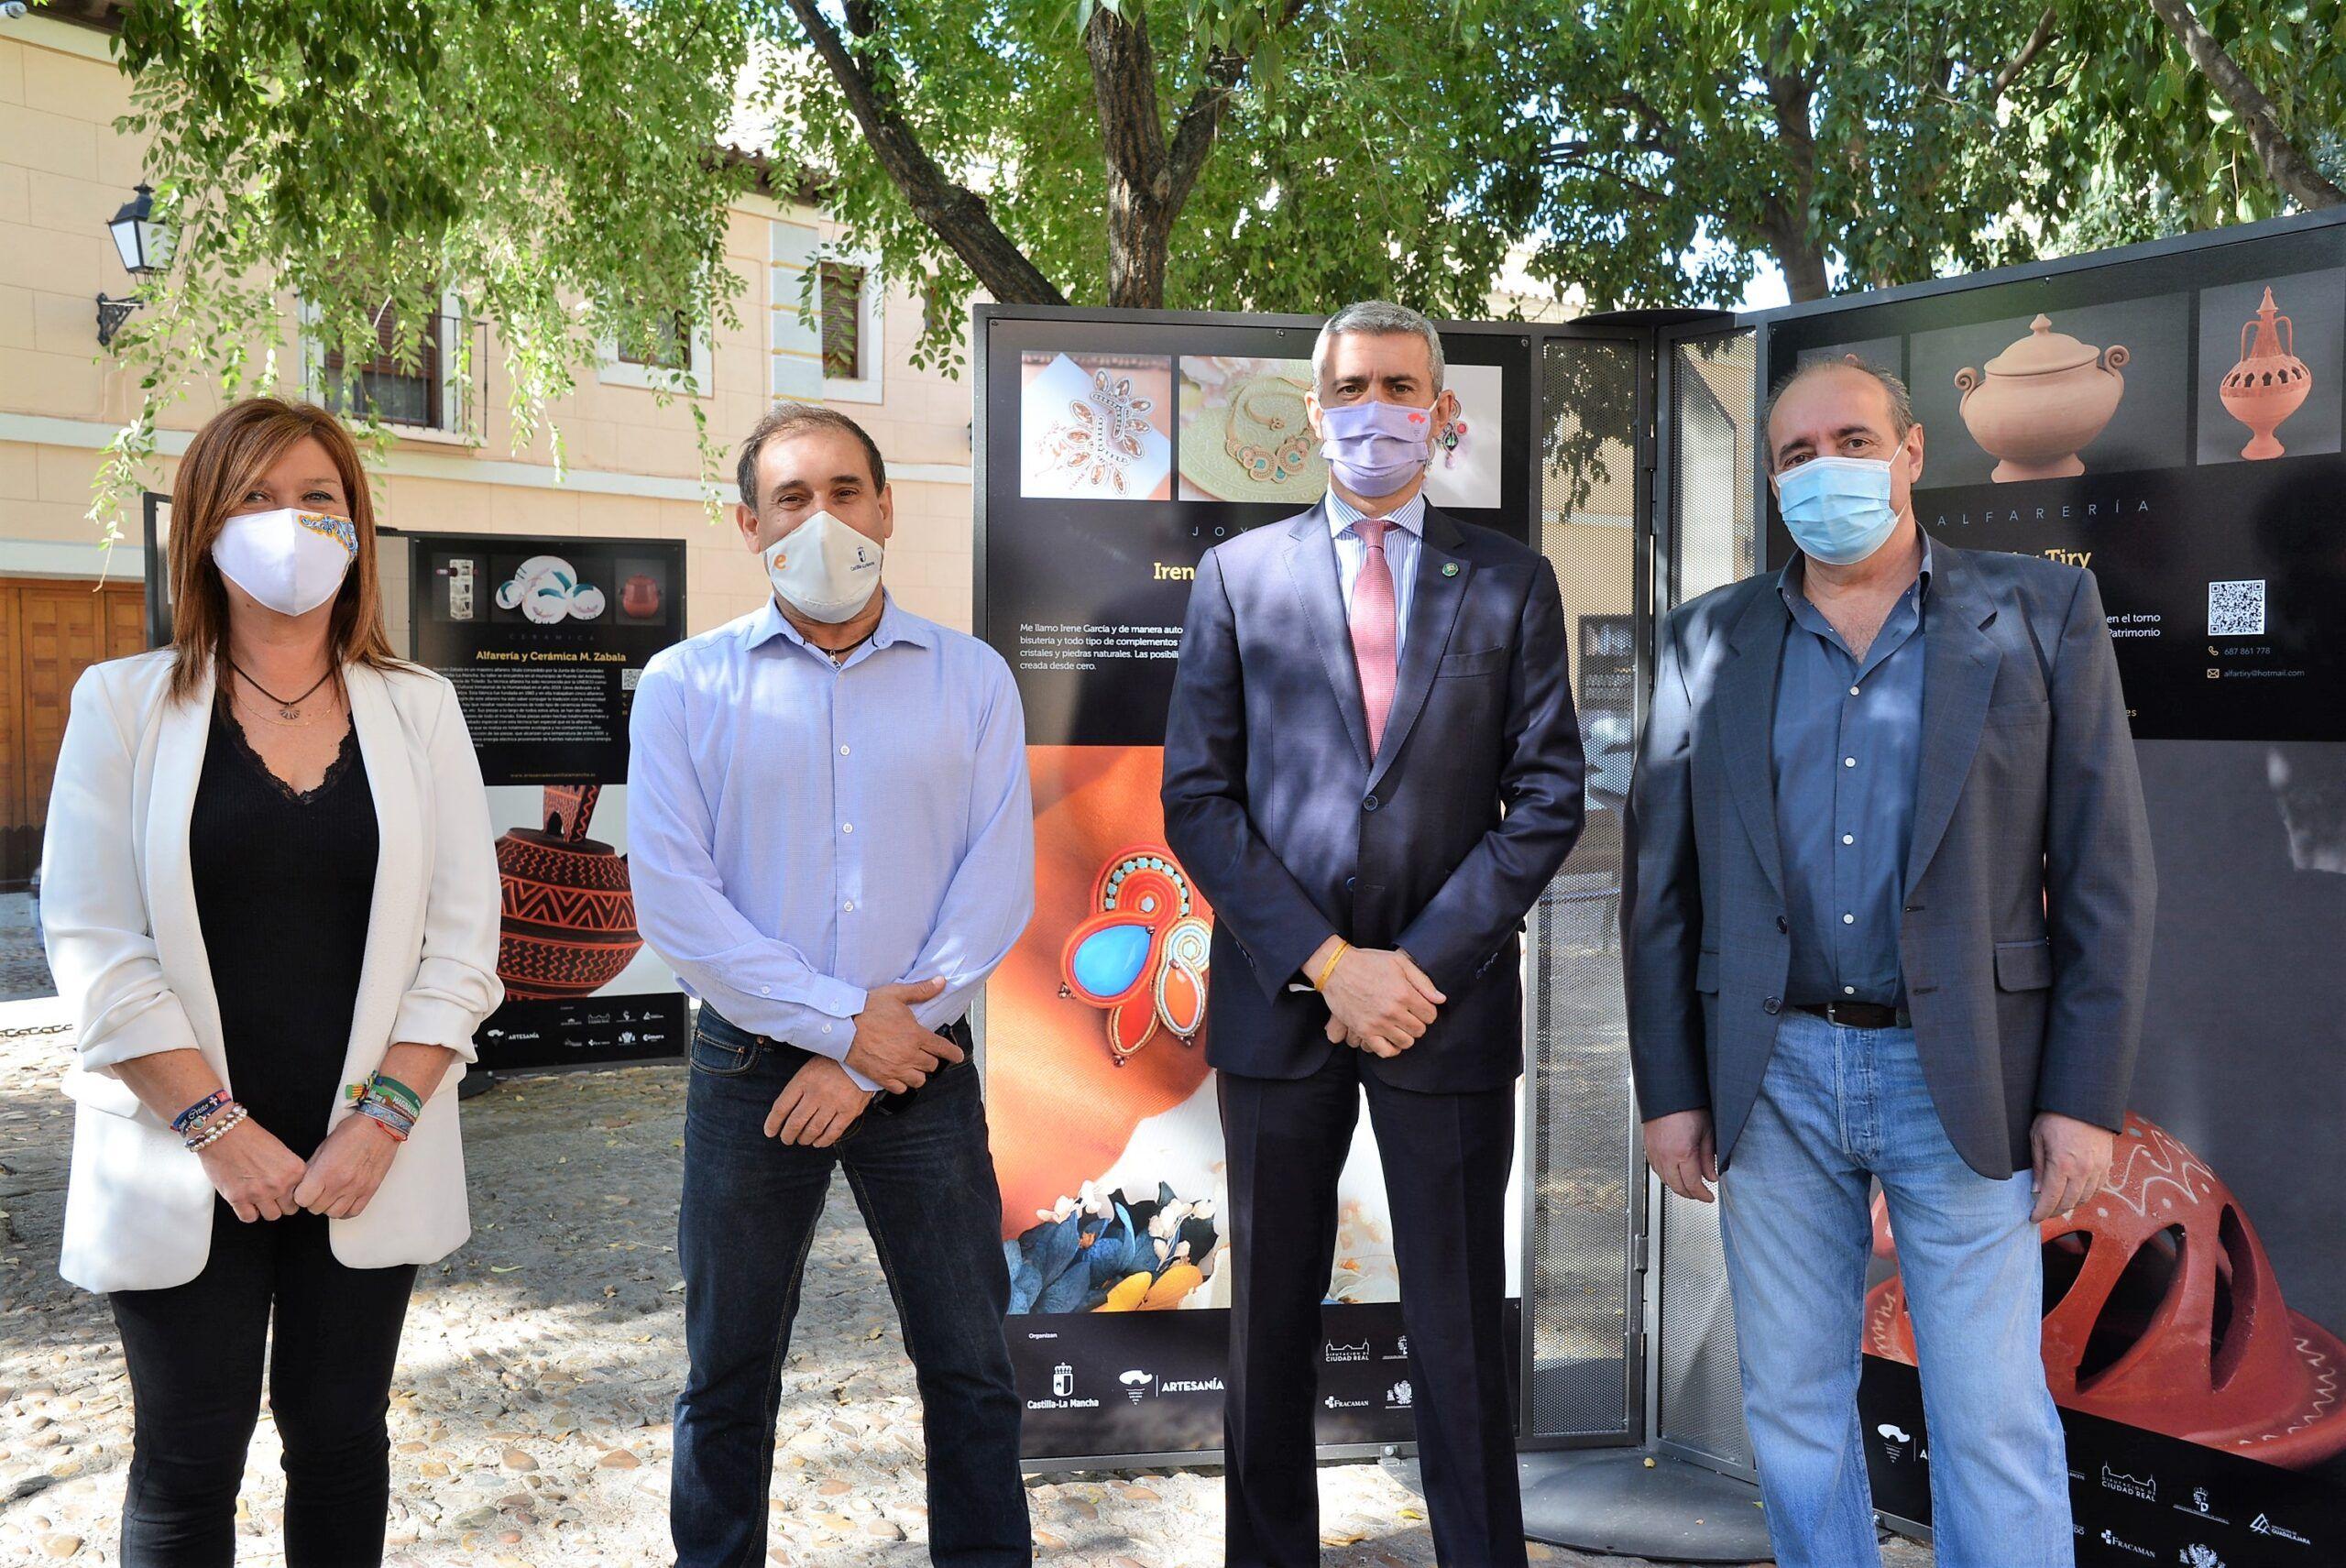 La Diputación apoya a los ceramistas de Puente del Arzobispo en sus iniciativas de salvaguarda para la cerámica